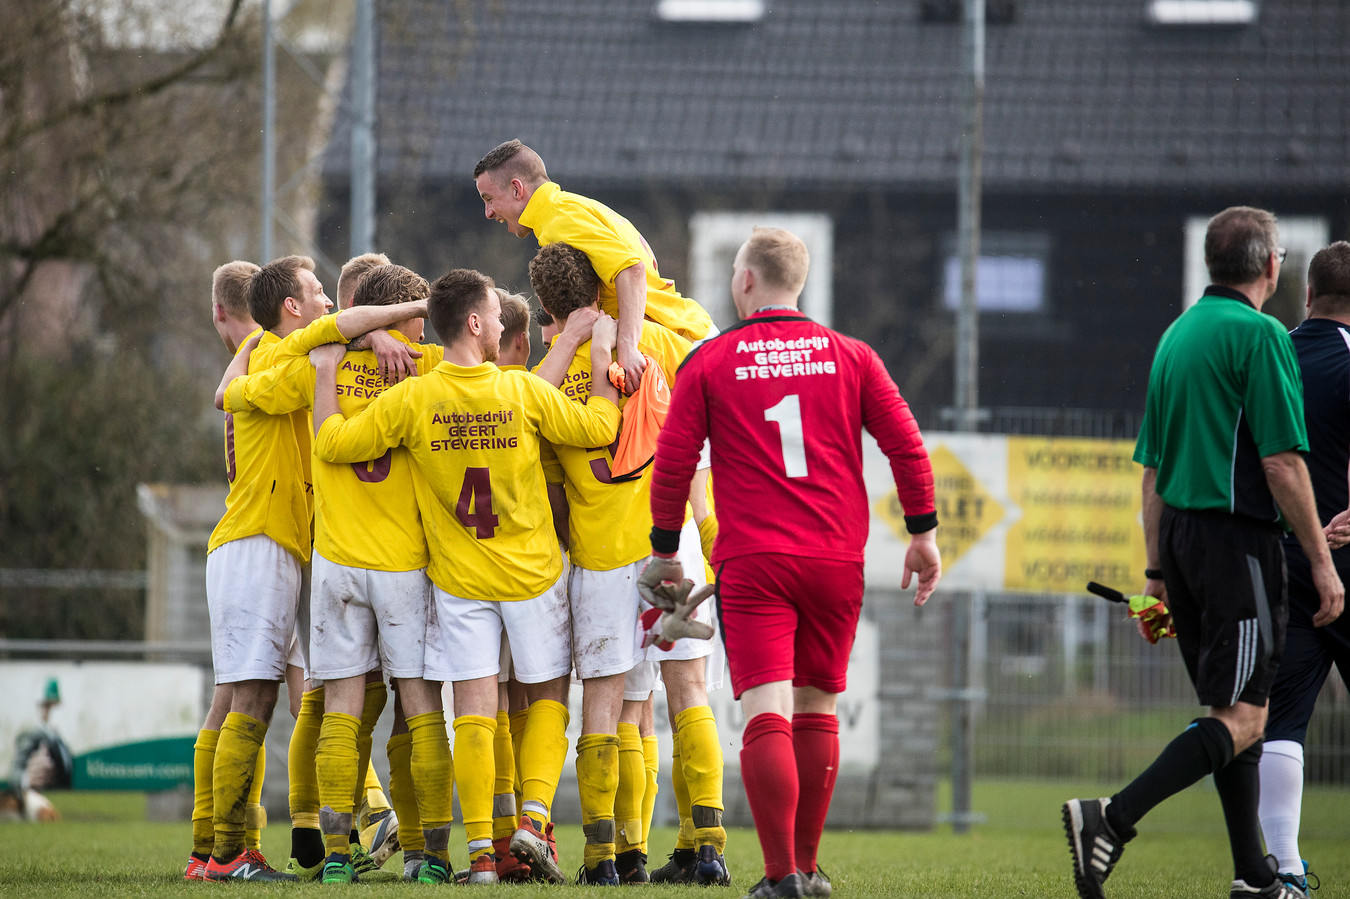 GWVV won met 2-3 bij Rijnland. Foto Jan van den Brink